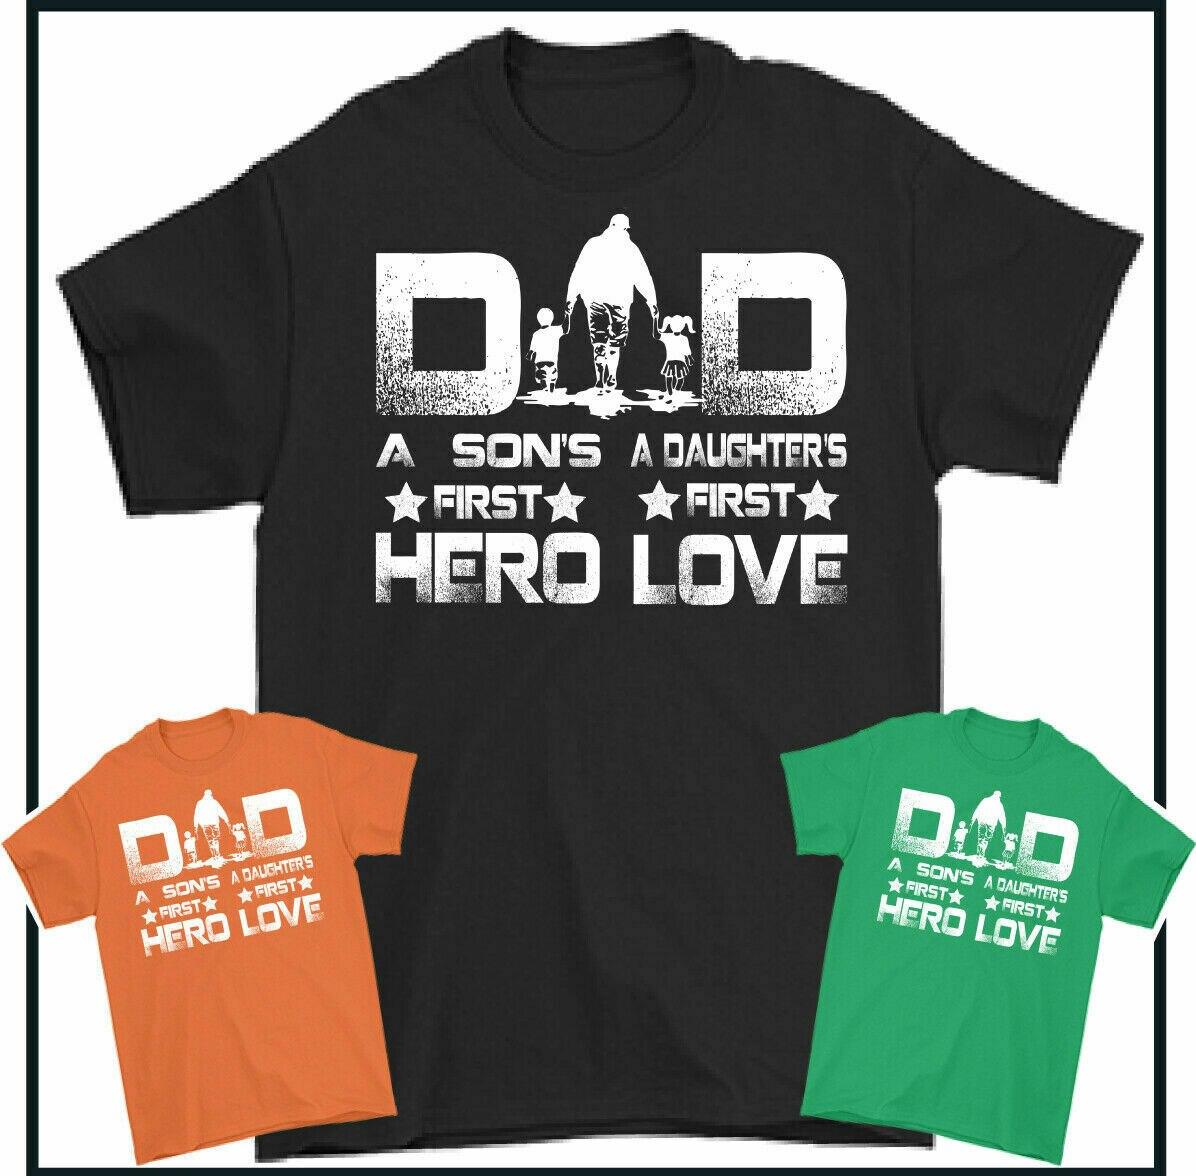 Футболка для папы, футболка с надписью «a sons» и «first hero», футболка с надписью love, Короткая Повседневная хлопковая Футболка с круглым вырезом, ...